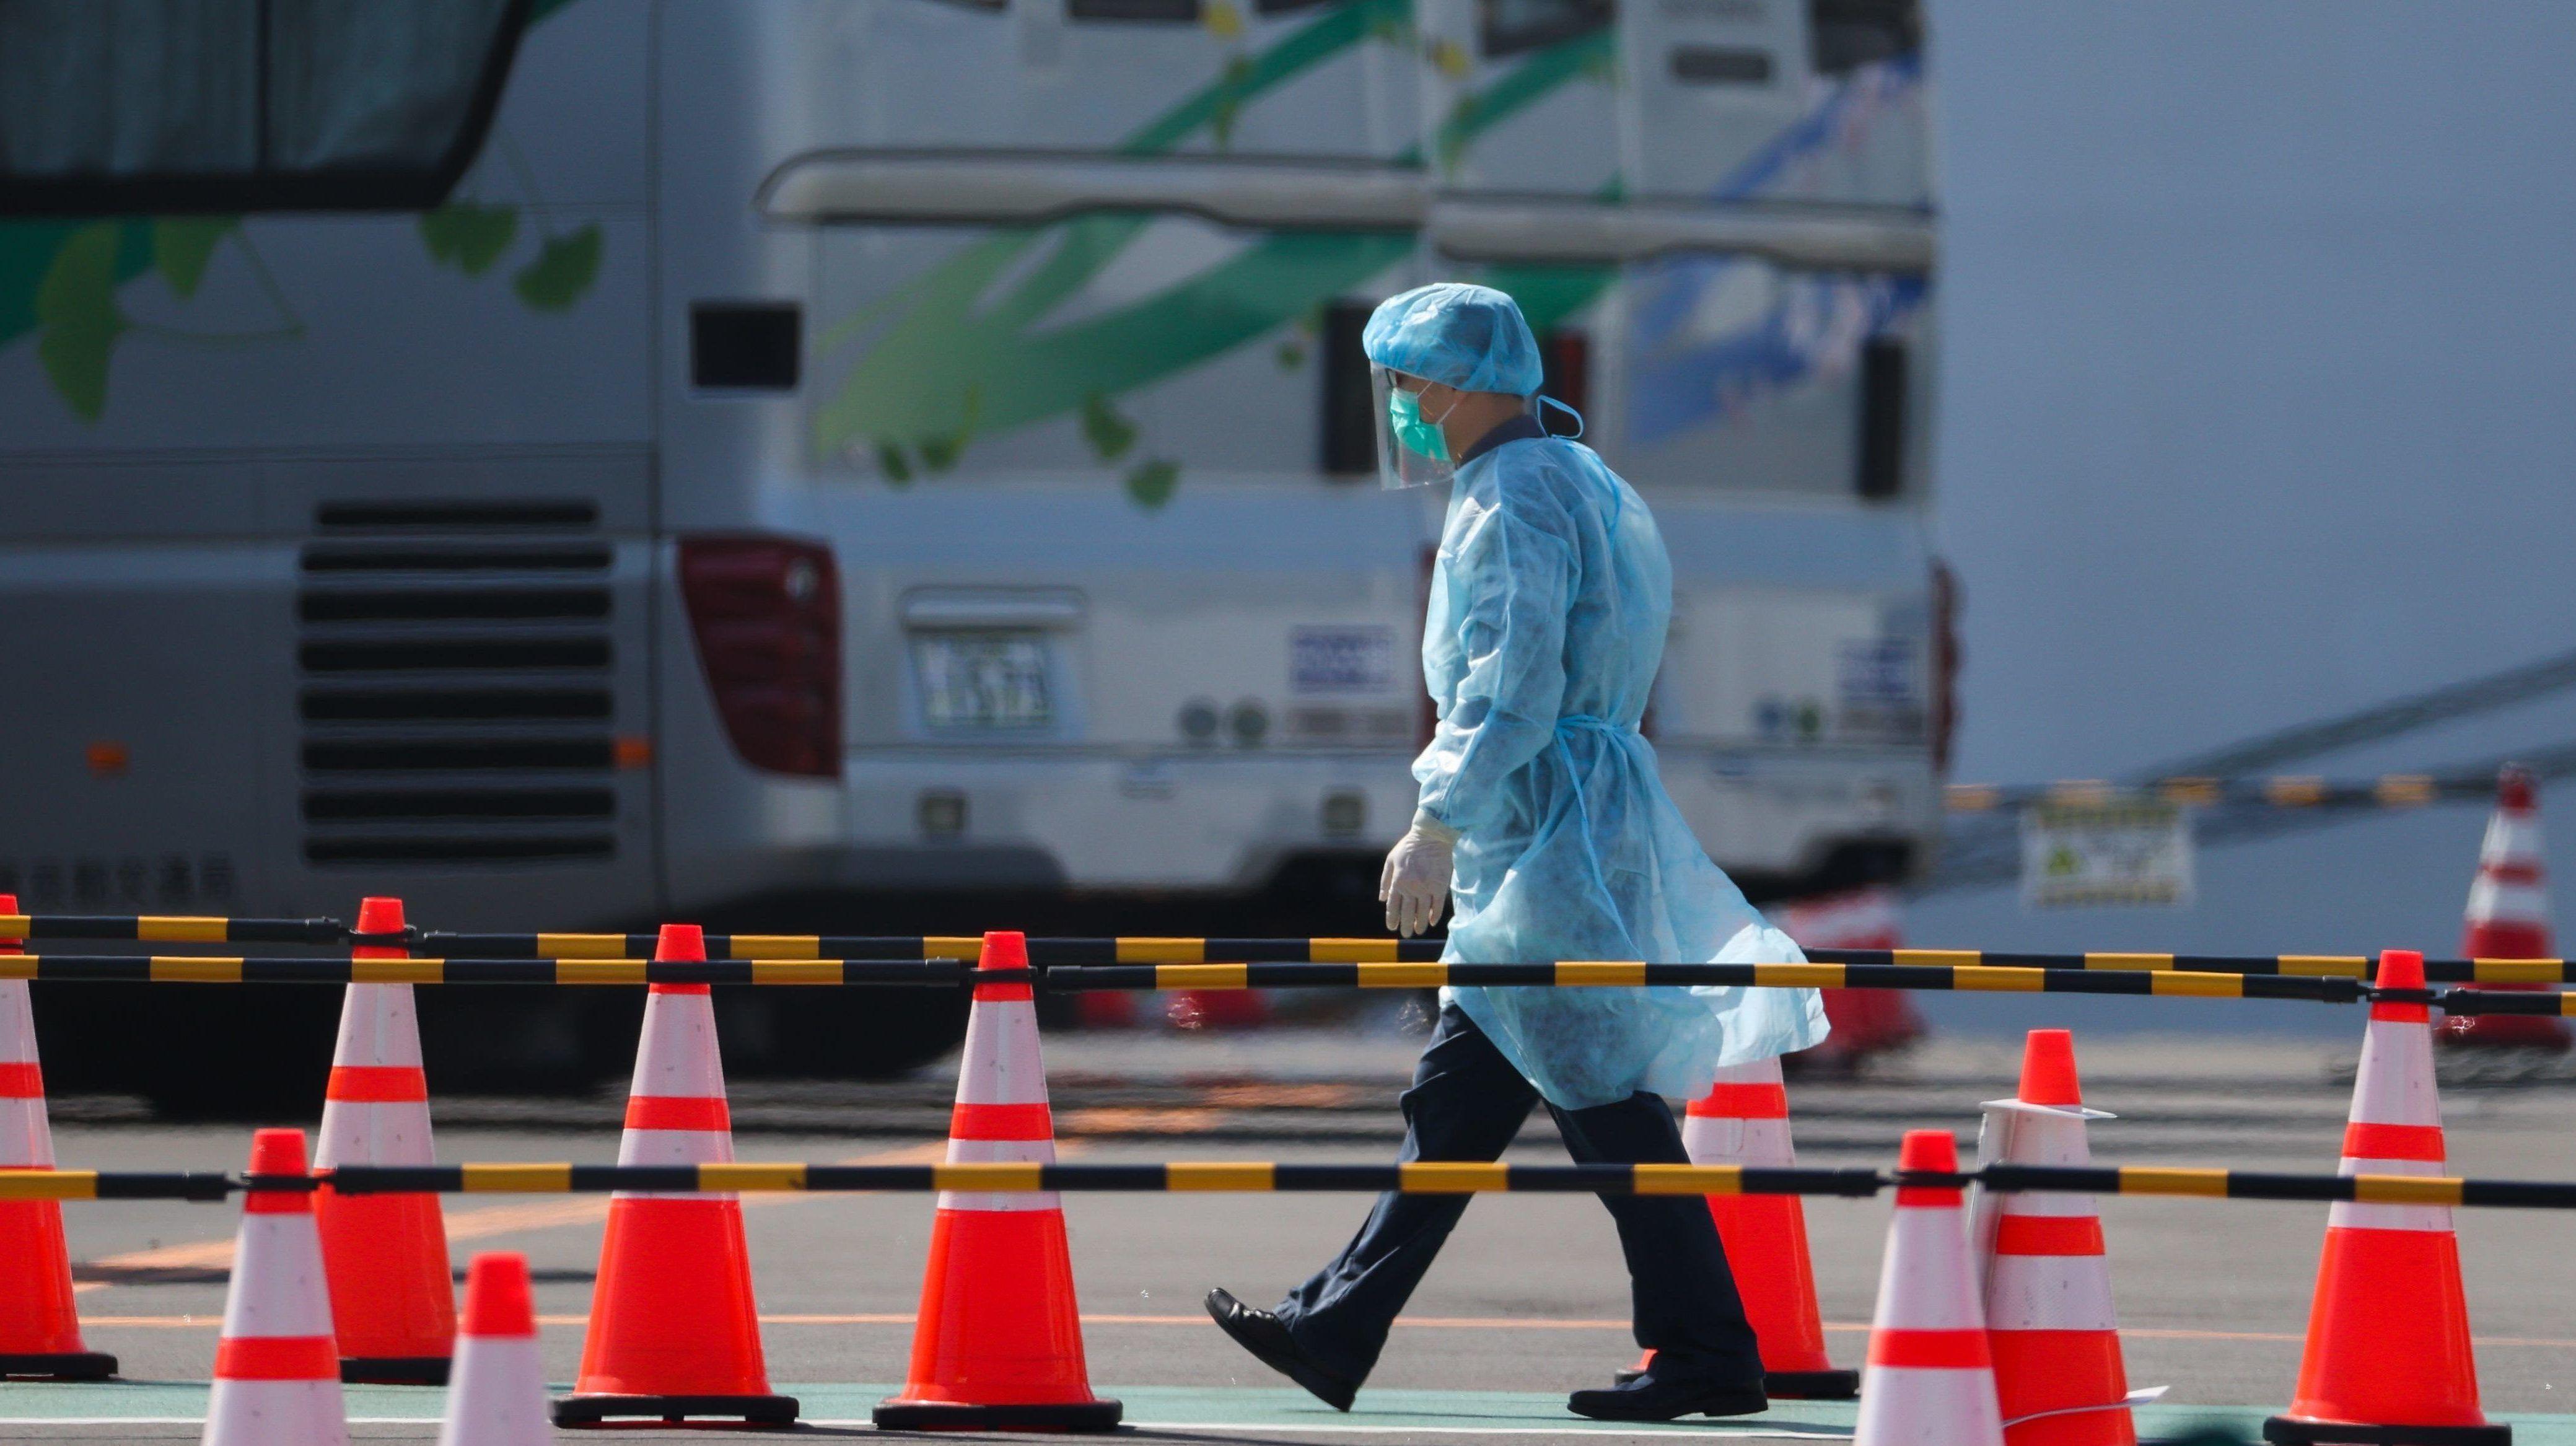 Tisztifőorvos: Folyamatosan alkalmazkodni kell a járványhoz